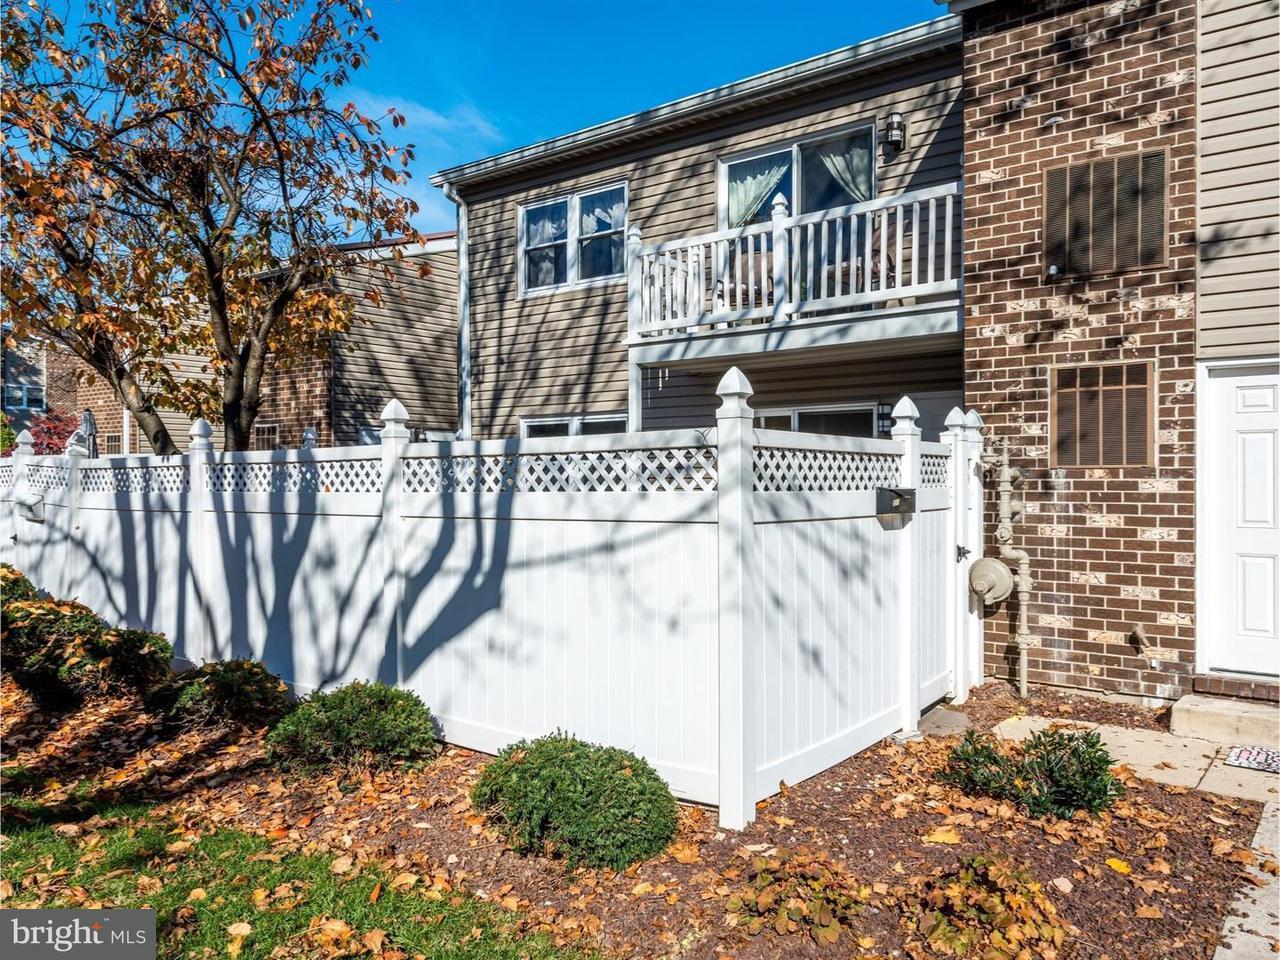 Maison unifamiliale pour l à louer à 2902 STATE HILL RD #E11 Wyomissing, Pennsylvanie 19610 États-Unis